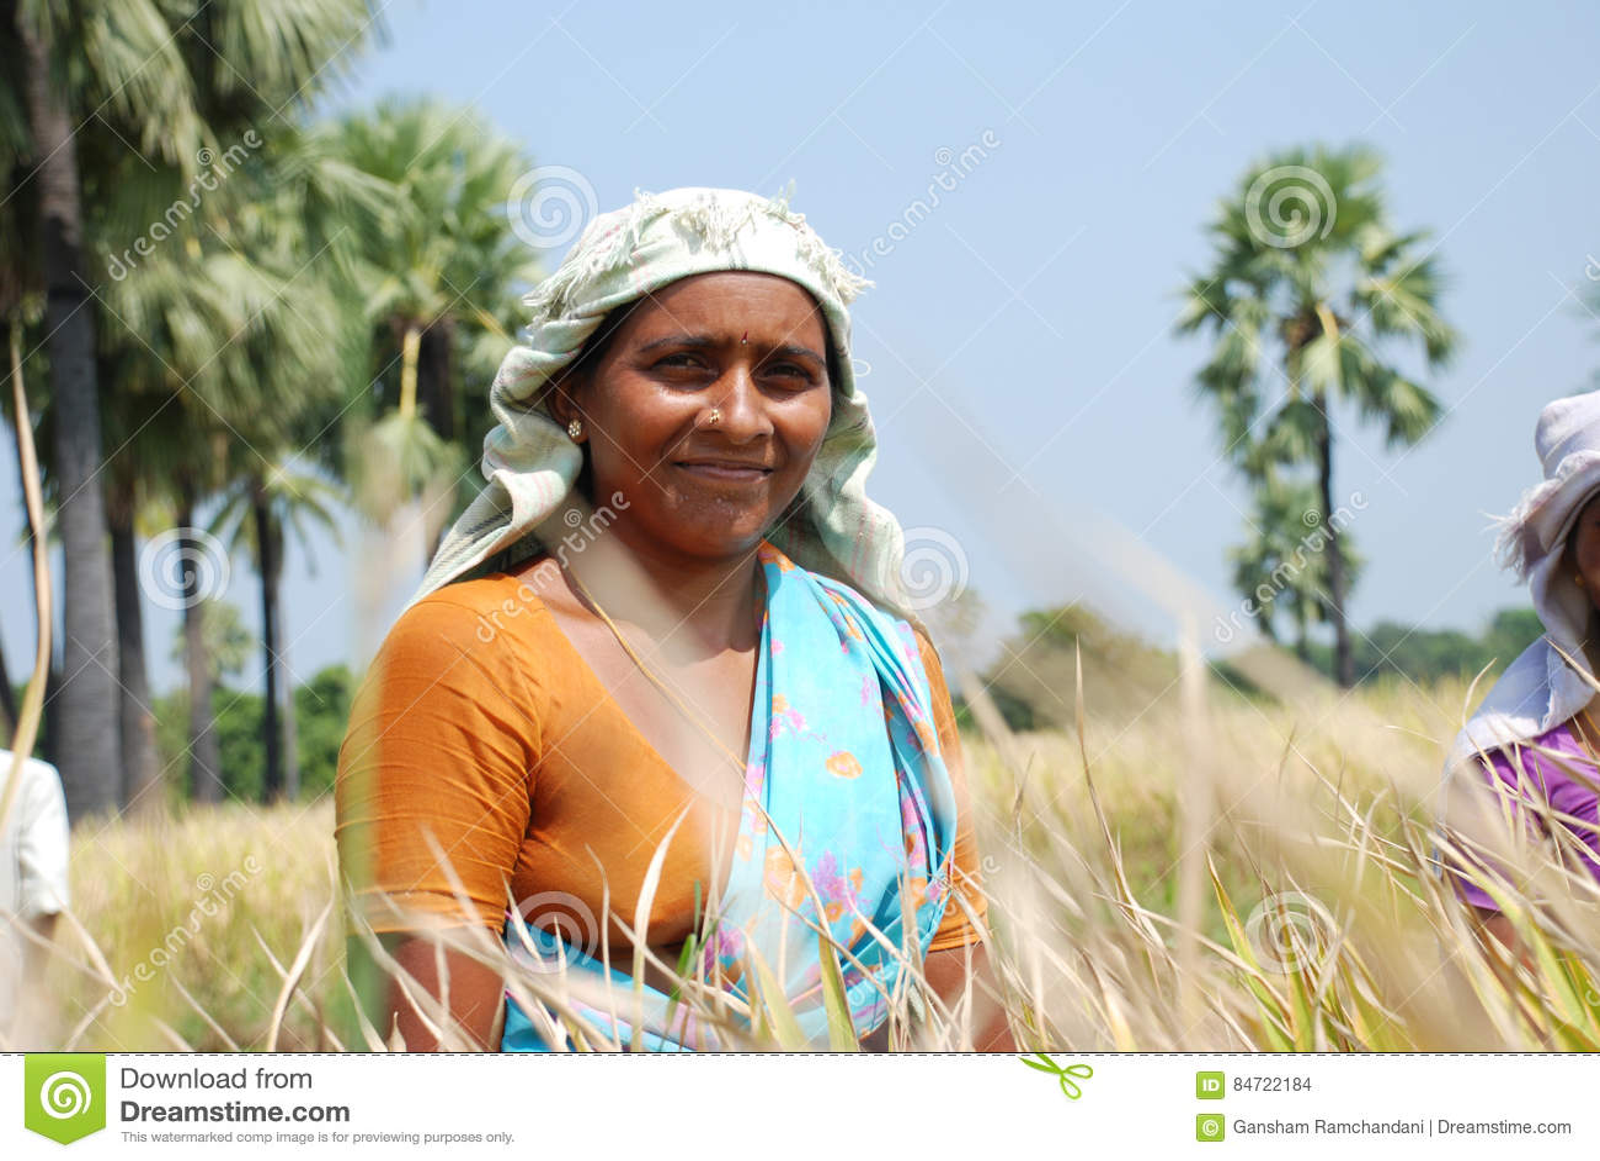 Женский фермер